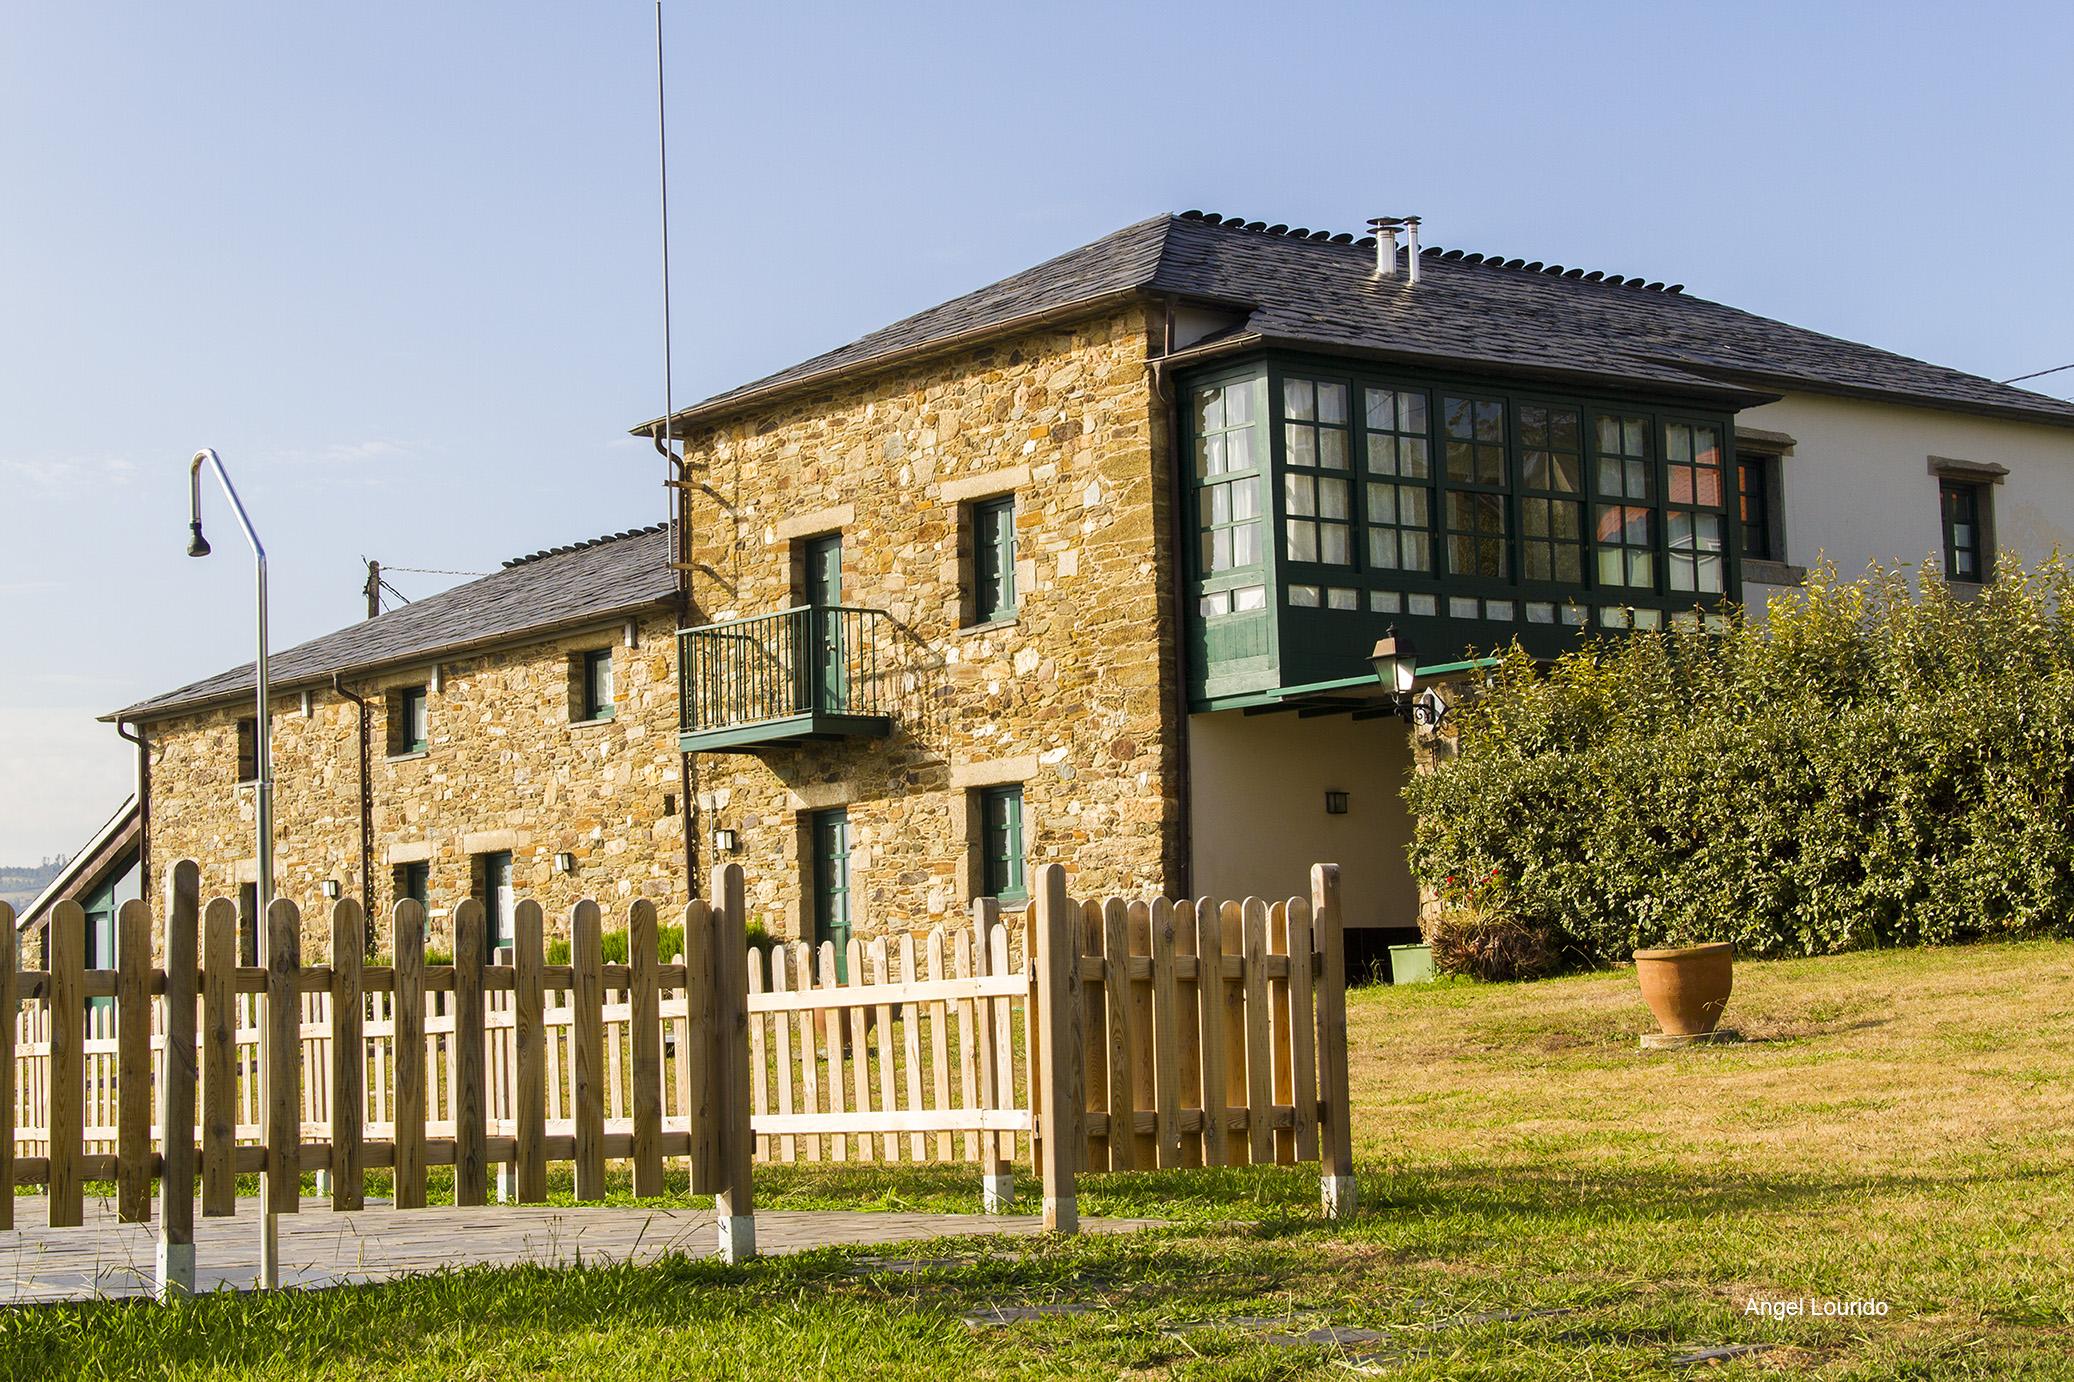 Galicia turismo peregrinos santiago mayo 2016 - Casas en a coruna ...